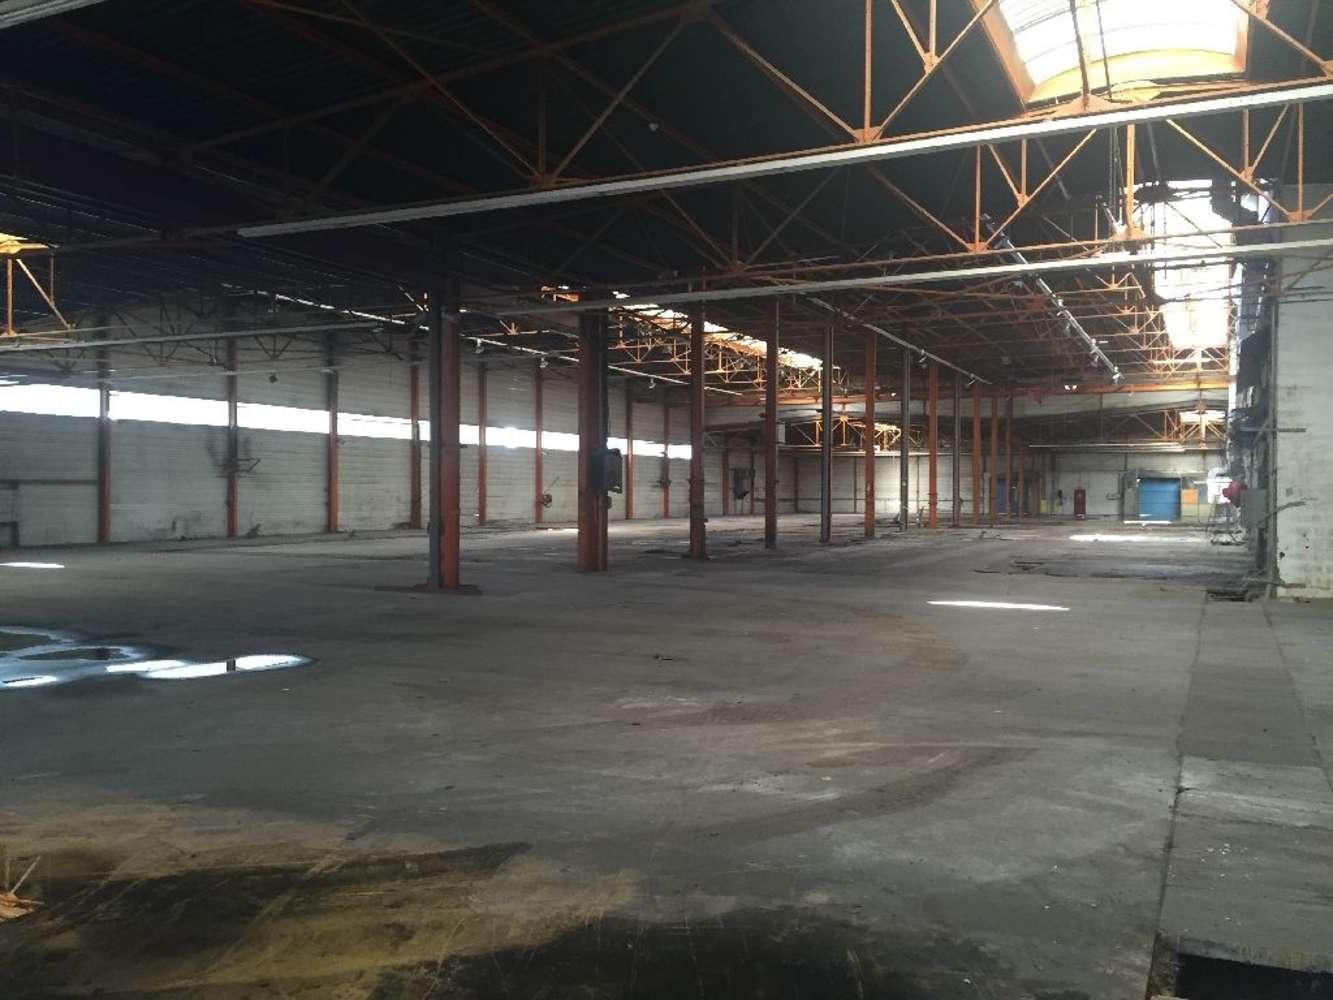 Activités/entrepôt Trevoux, 01600 - Entrepôt à vendre Lyon - Trévoux - 9783773